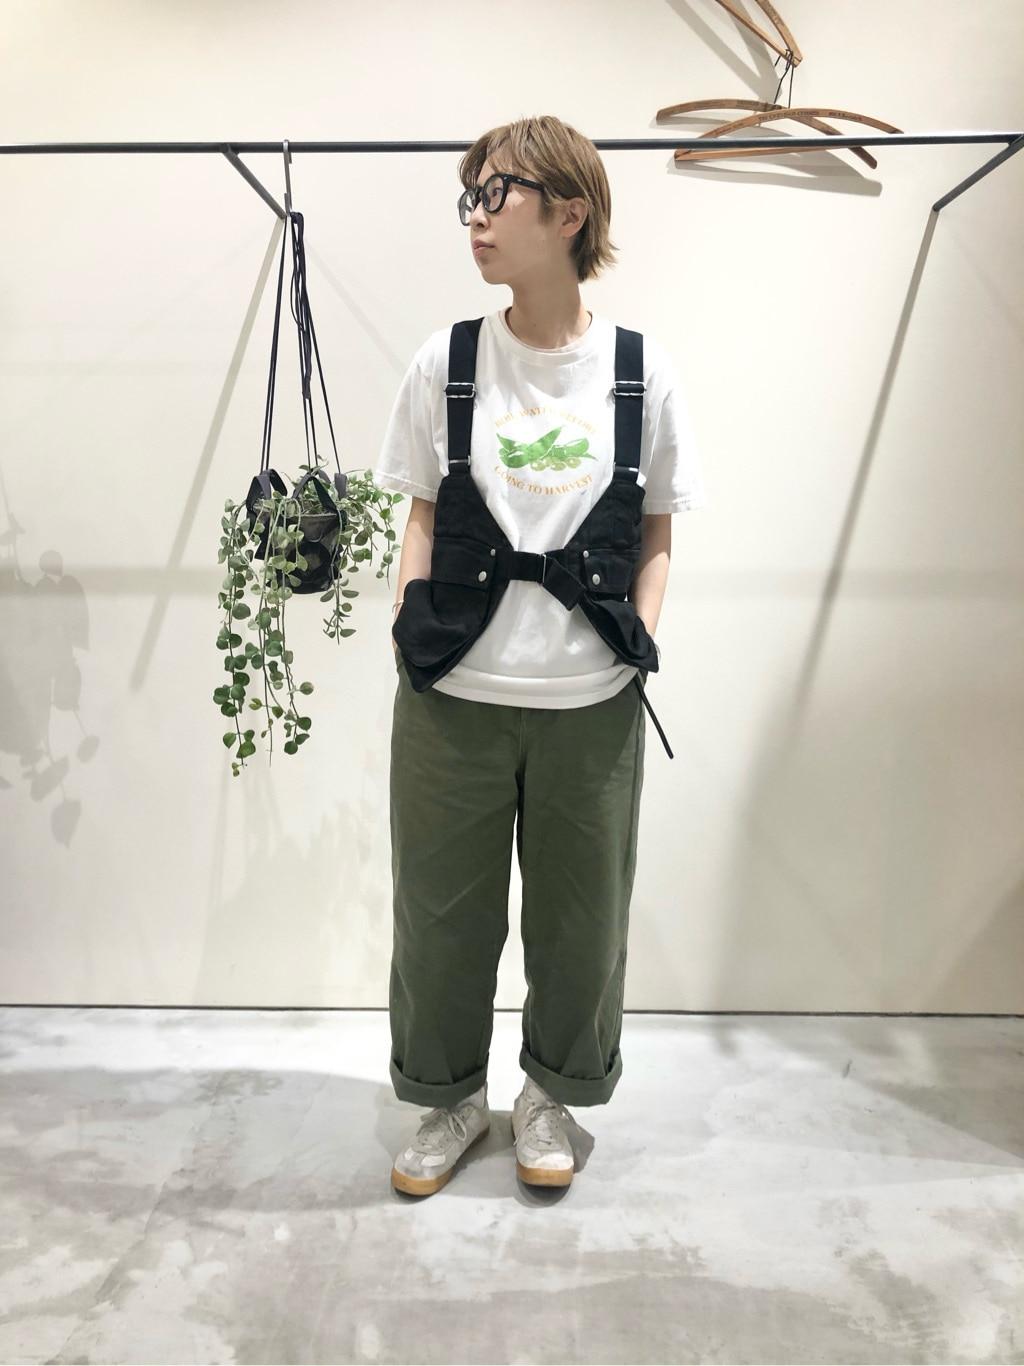 - CHILD WOMAN CHILD WOMAN , PAR ICI 新宿ミロード 身長:157cm 2021.04.27